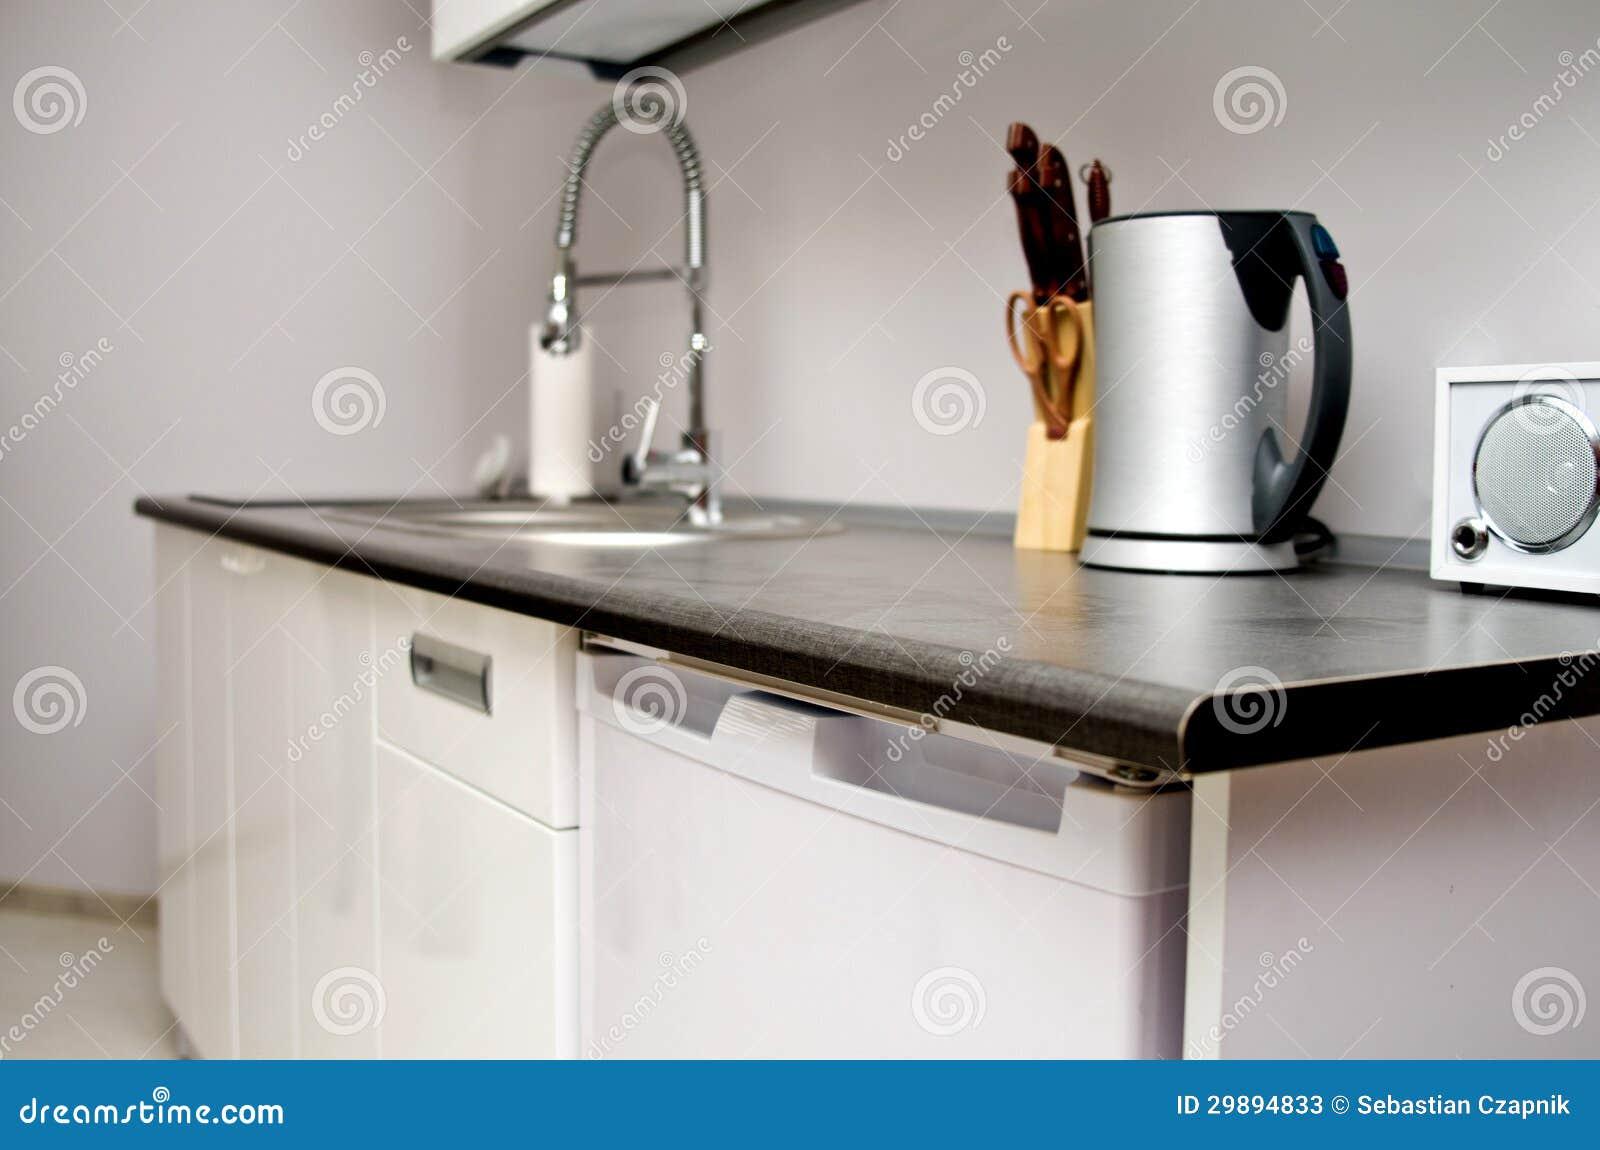 Küche Mit Wanne, Messern Und Kessel. Stockbild - Bild von hahn ...